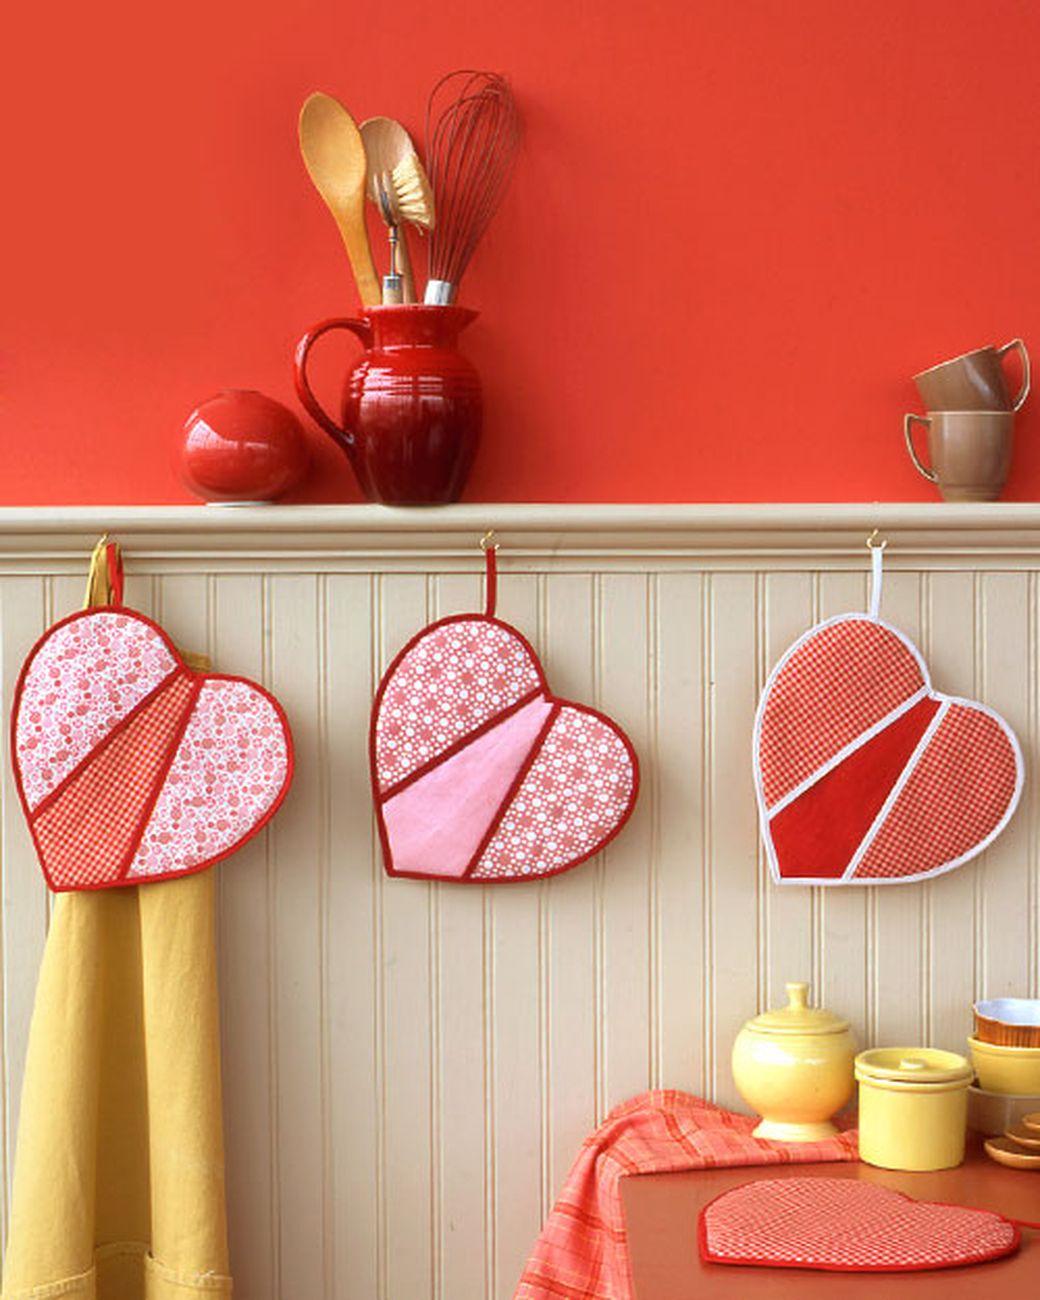 ideas de regalos san valentin manualidades, regalos para personas a las que les gusta cocinar